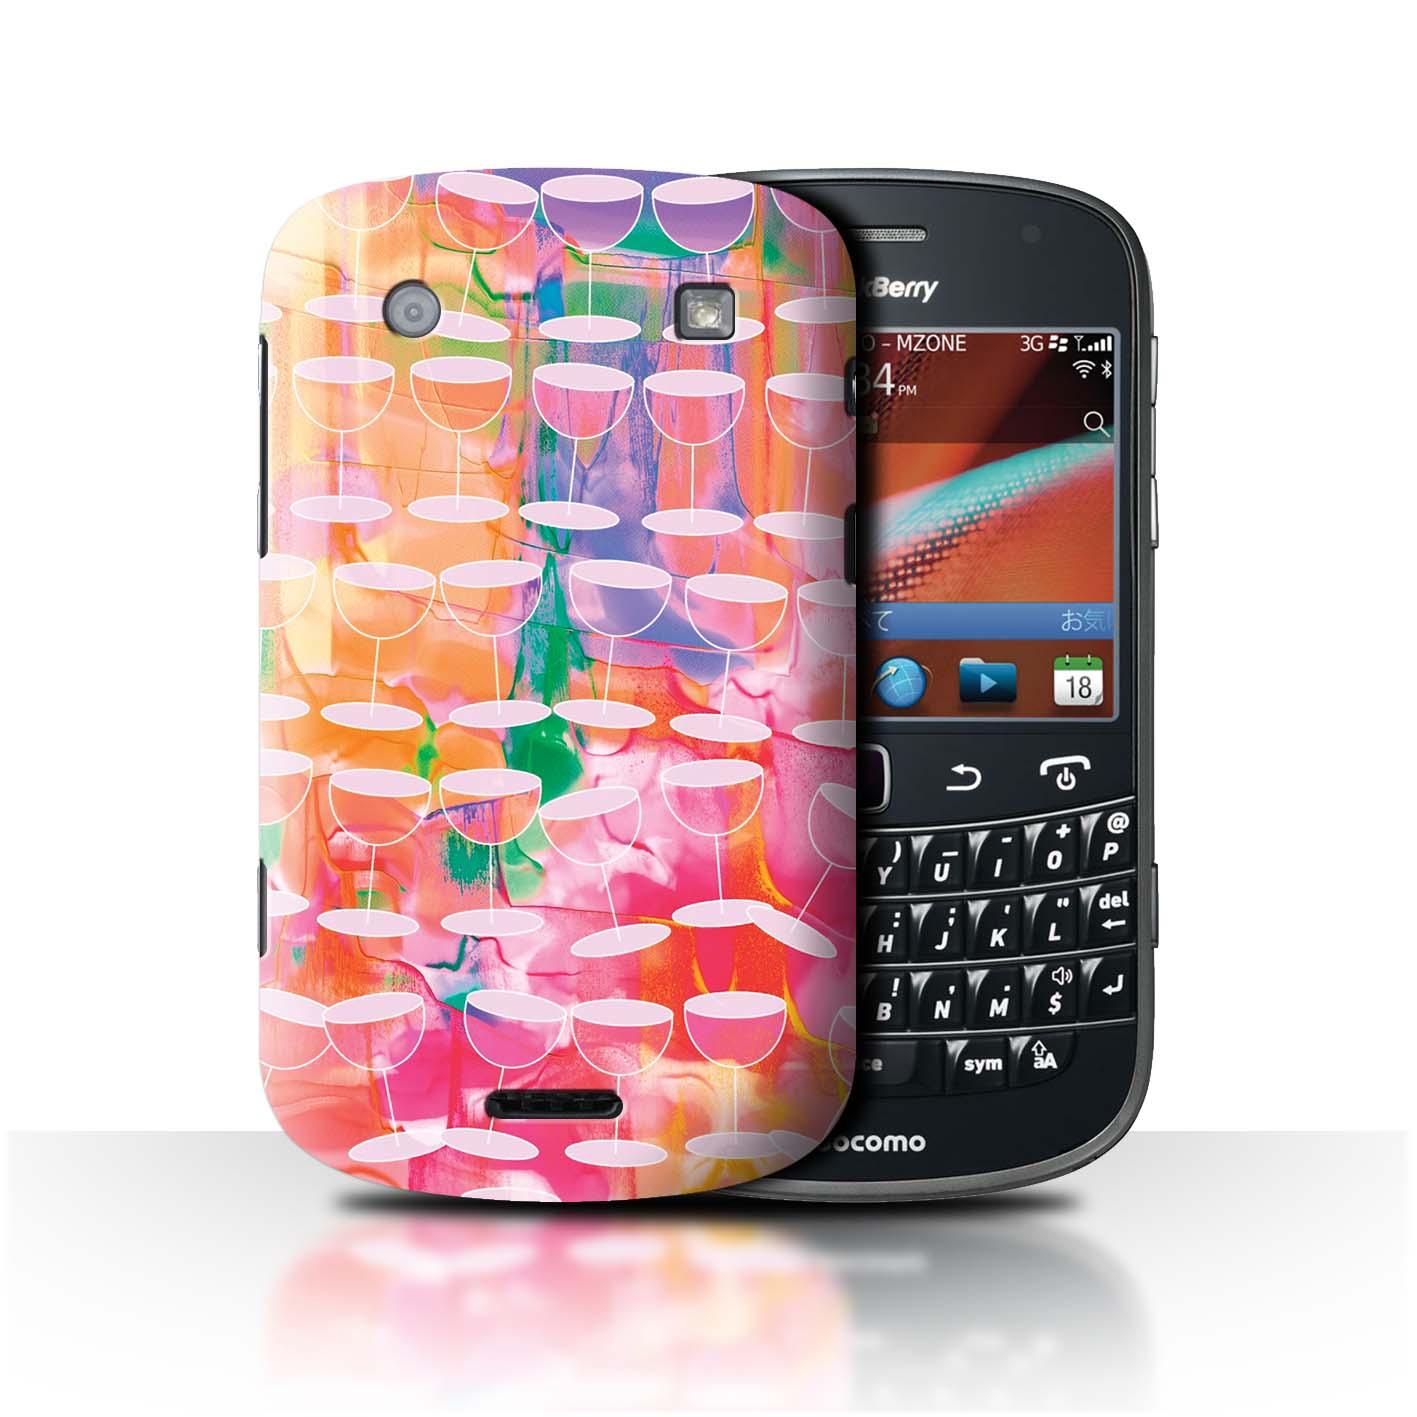 Coque-Etui-Housse-de-Stuff4-pour-Blackberry-Bold-9900-Moderne-Vibrant